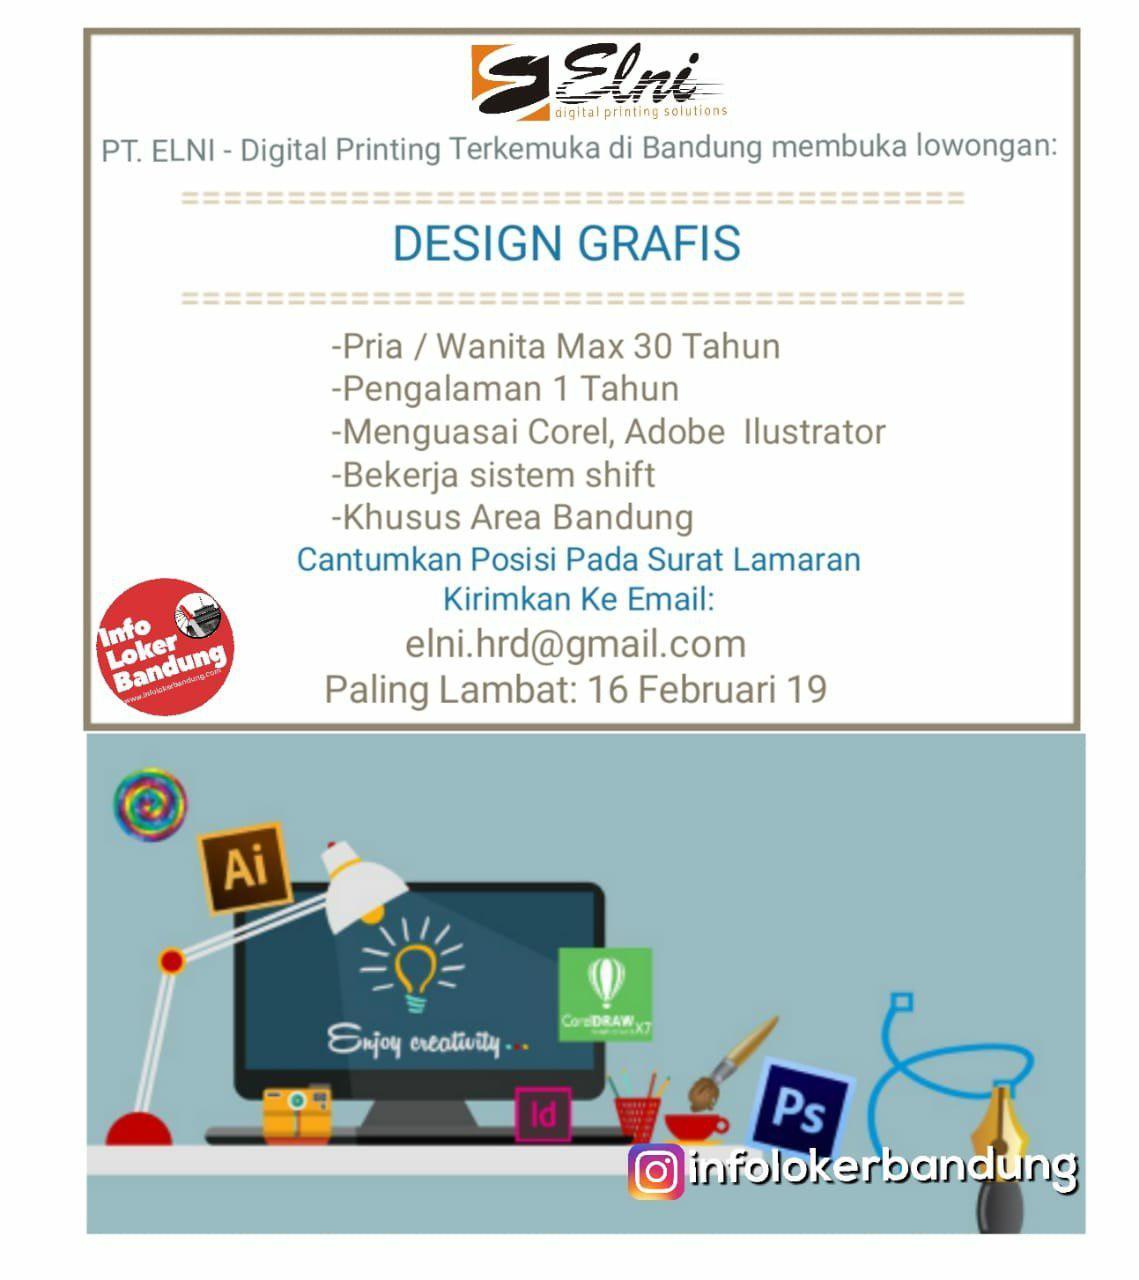 Lowongan Kerja Design Grafis PT. Elni Bandung Februari 2019